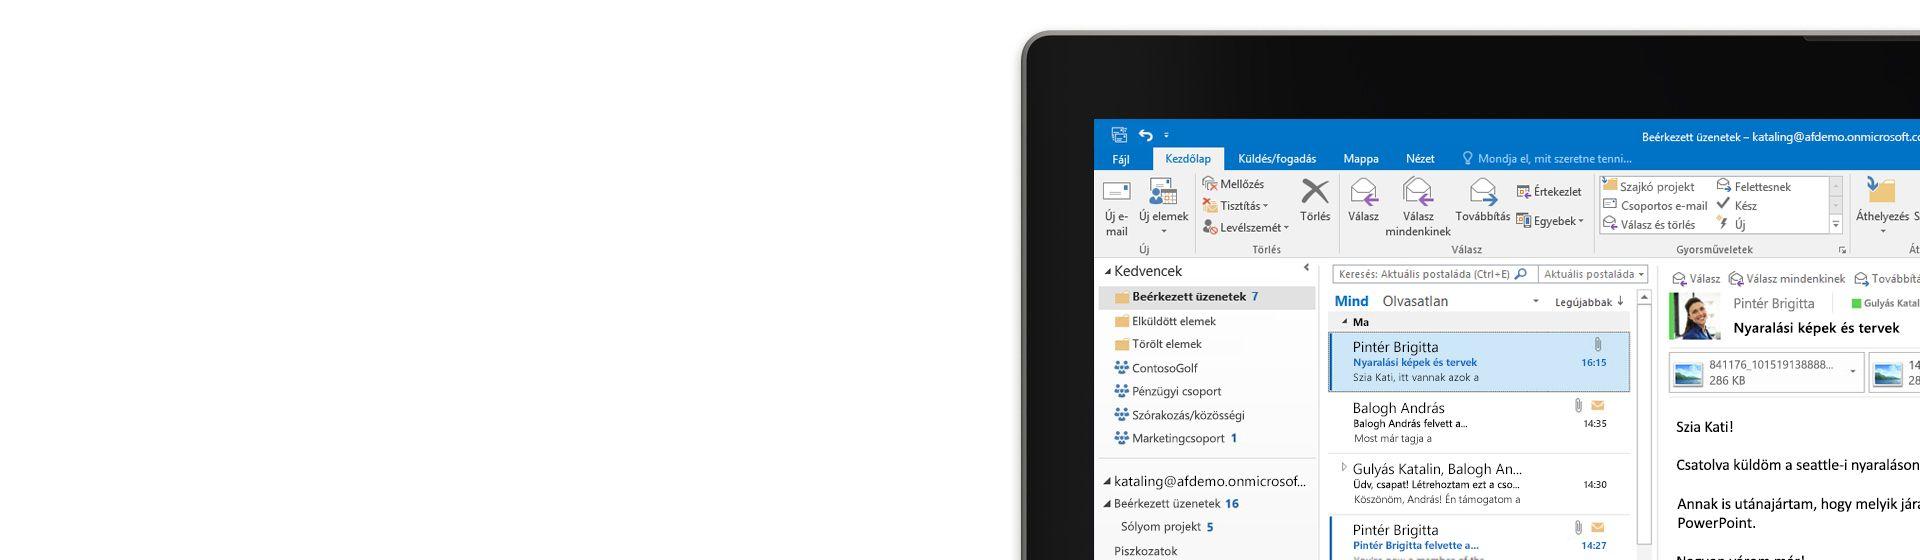 Egy számítógép képernyőjének sarka, az Outlook Beérkezett üzenetek mappája látható rajta